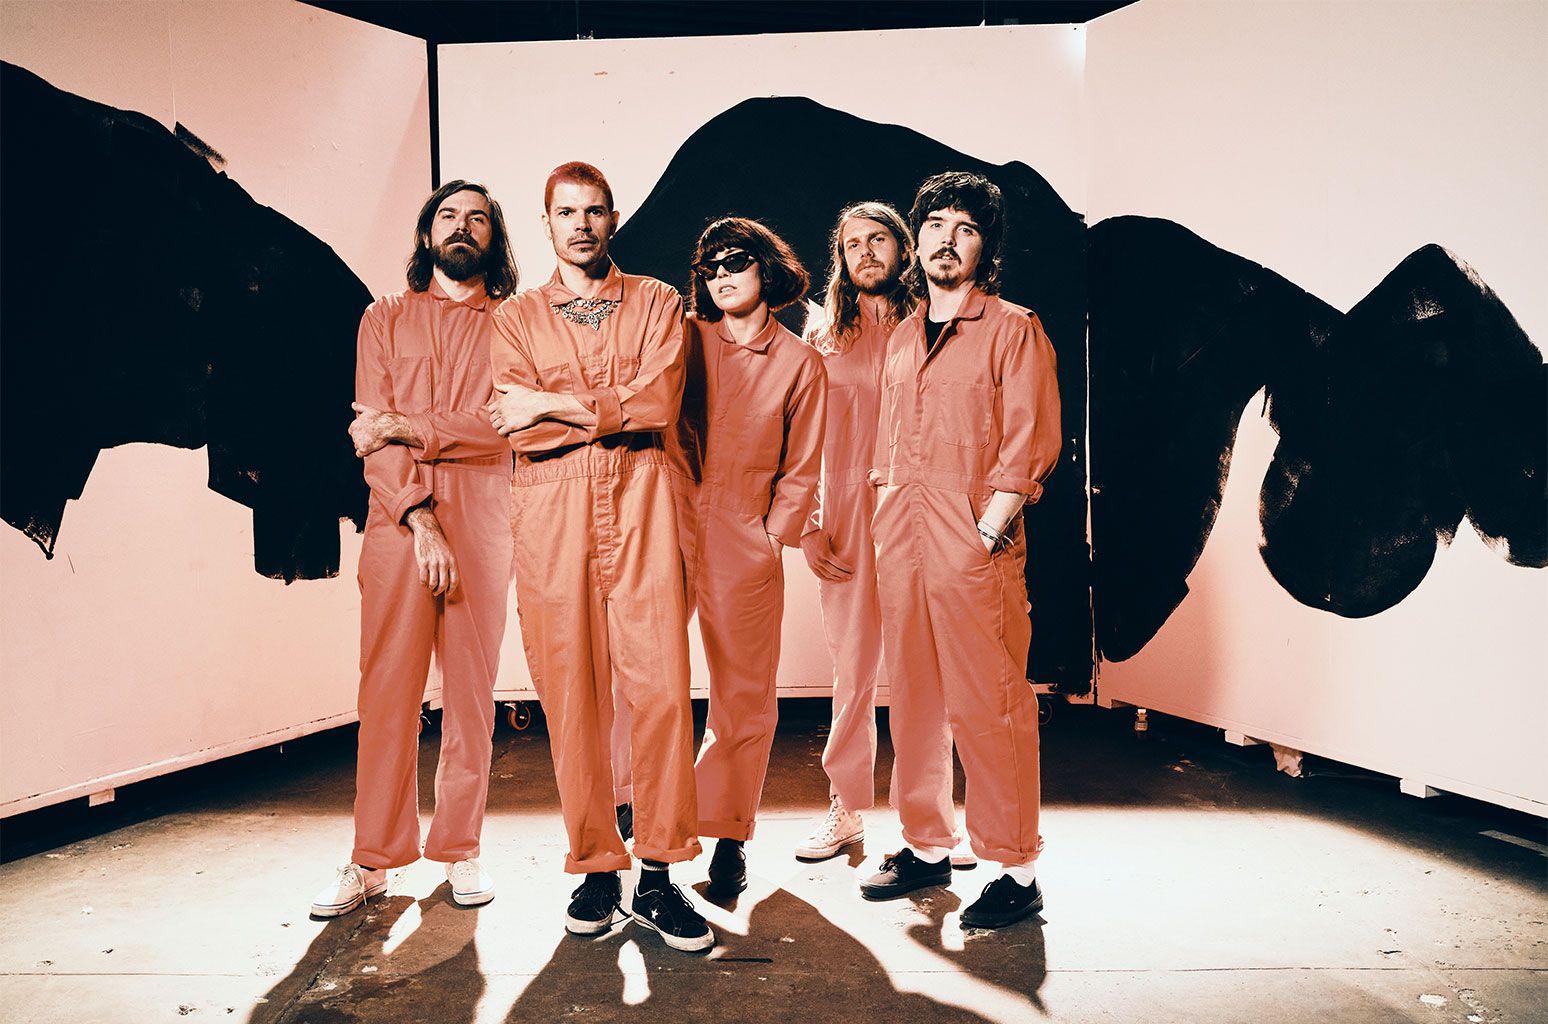 UN verified climate positive champions band grouplove climate positive music tour